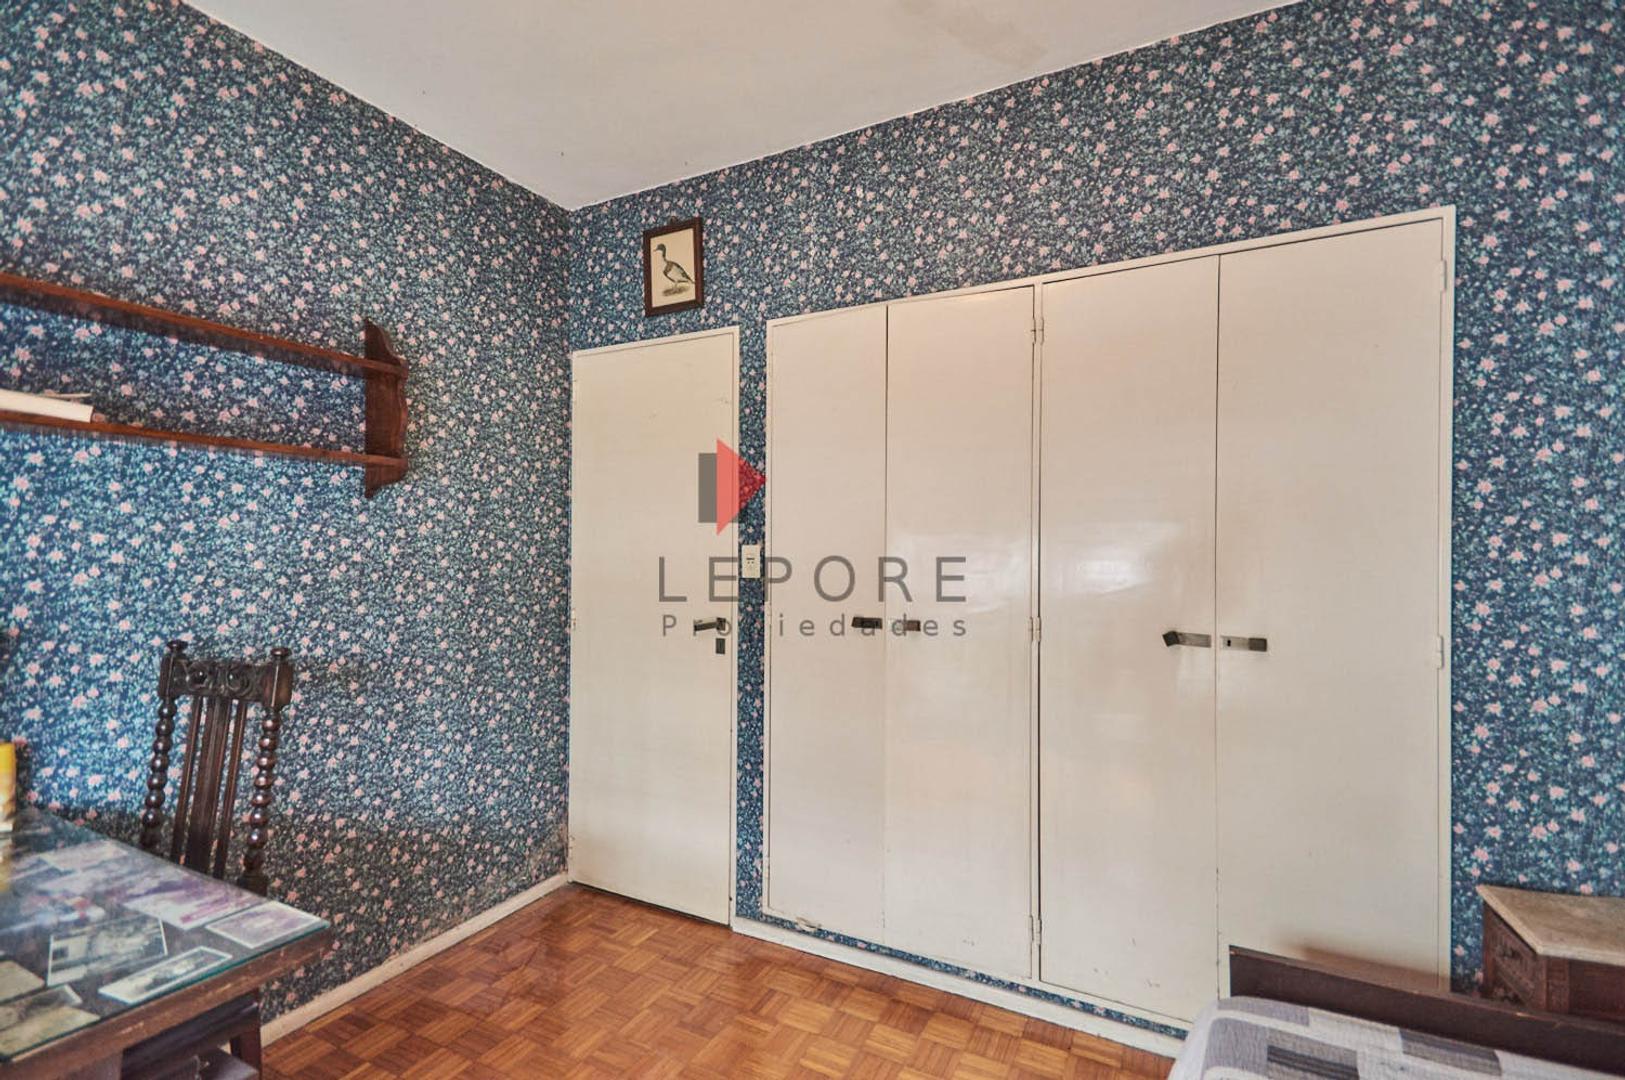 3 ambientes en venta LEPORE - Foto 17